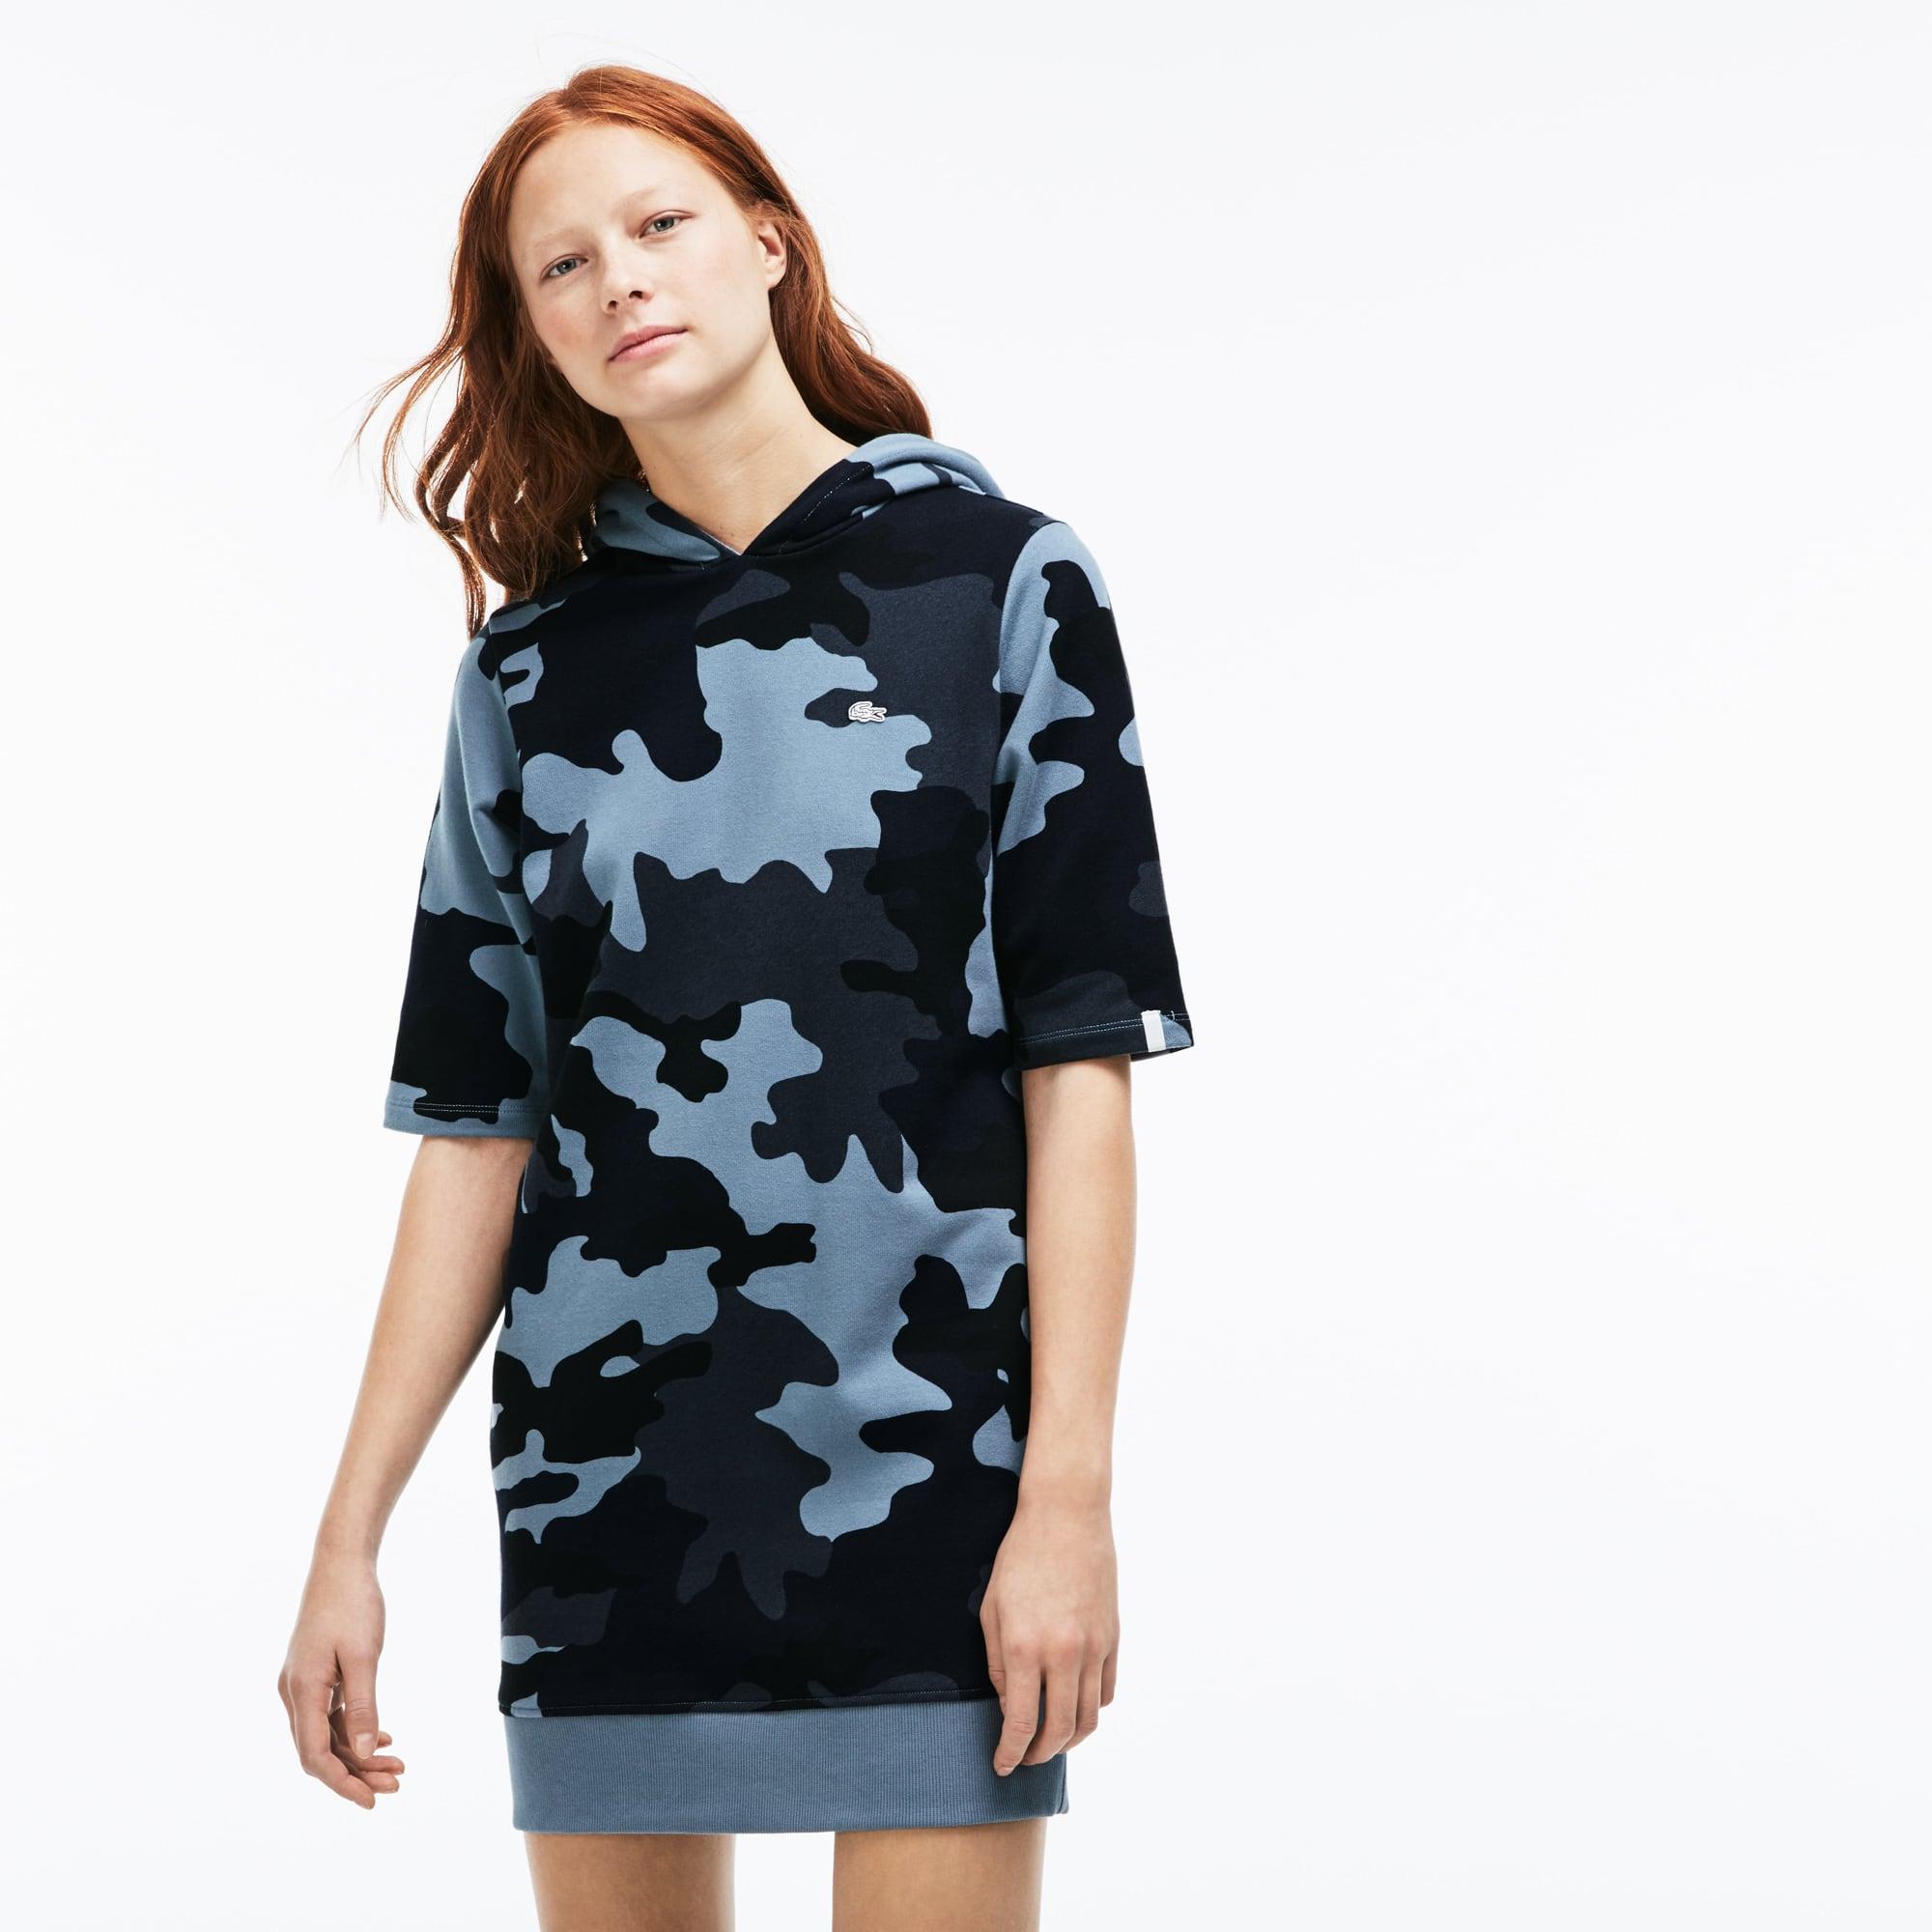 Women's Lacoste LIVE Hooded Camouflage Fleece Sweatshirt Dress